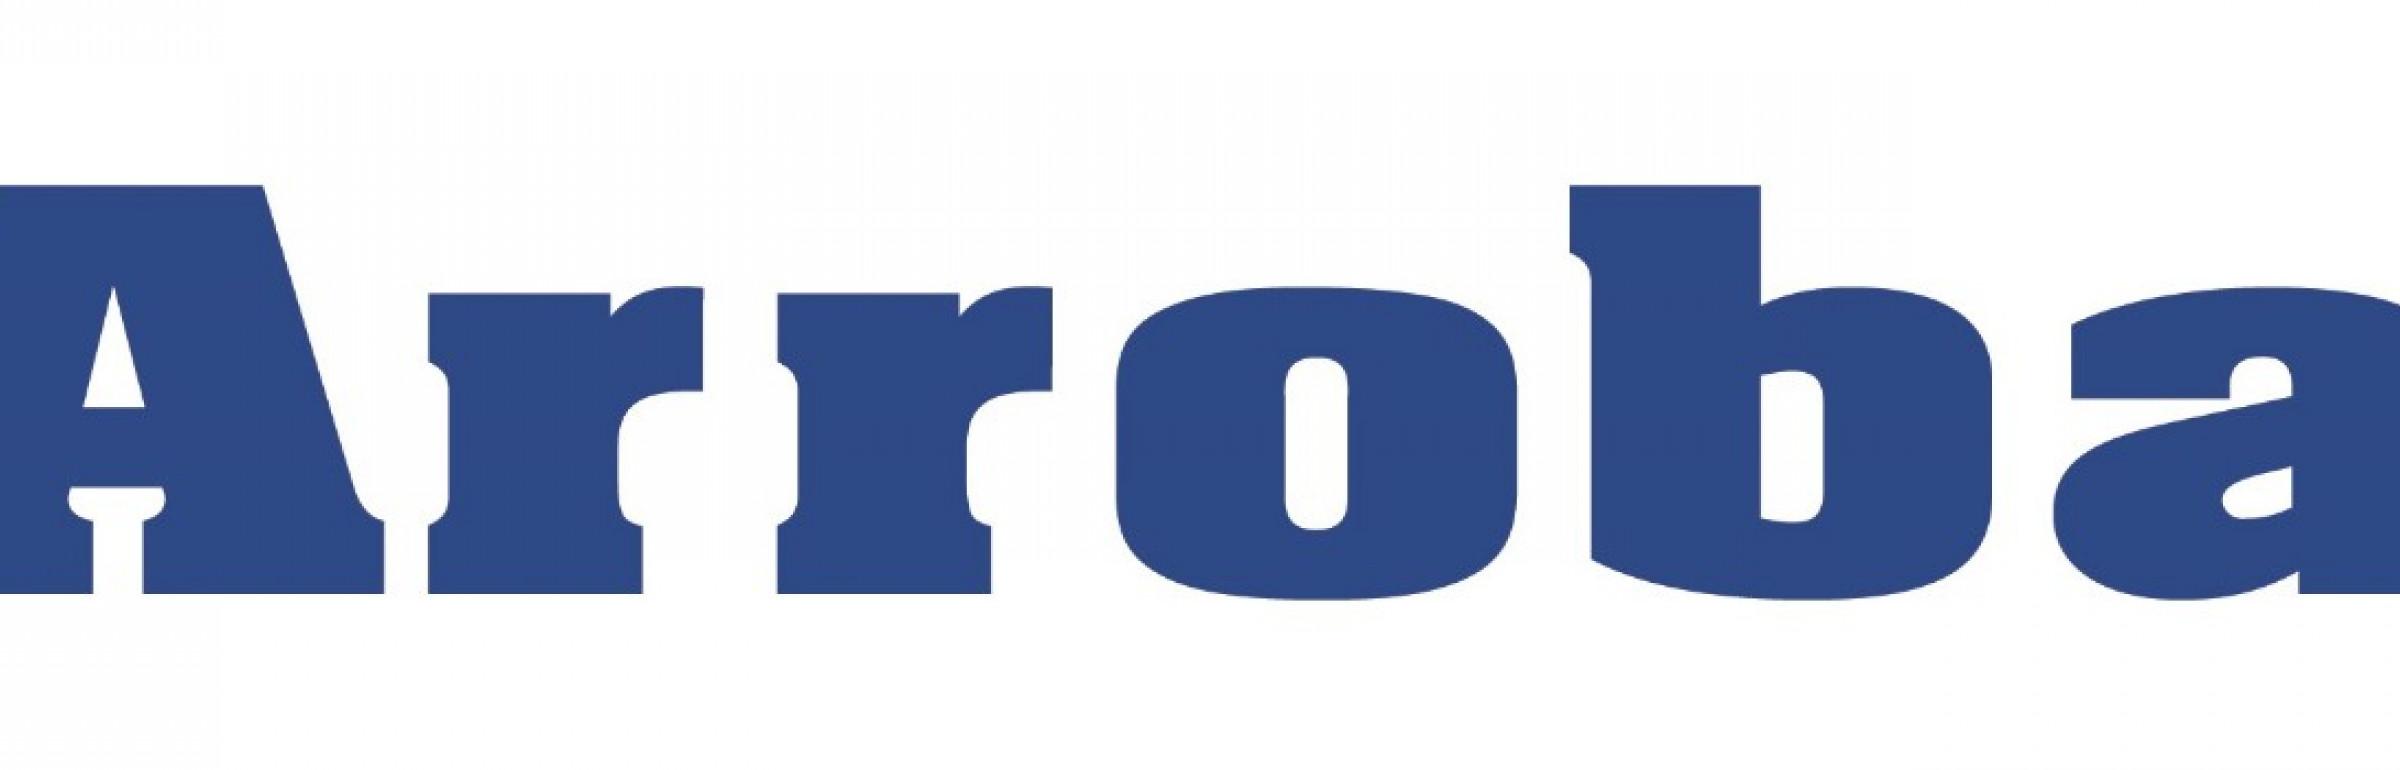 Banner Arroba